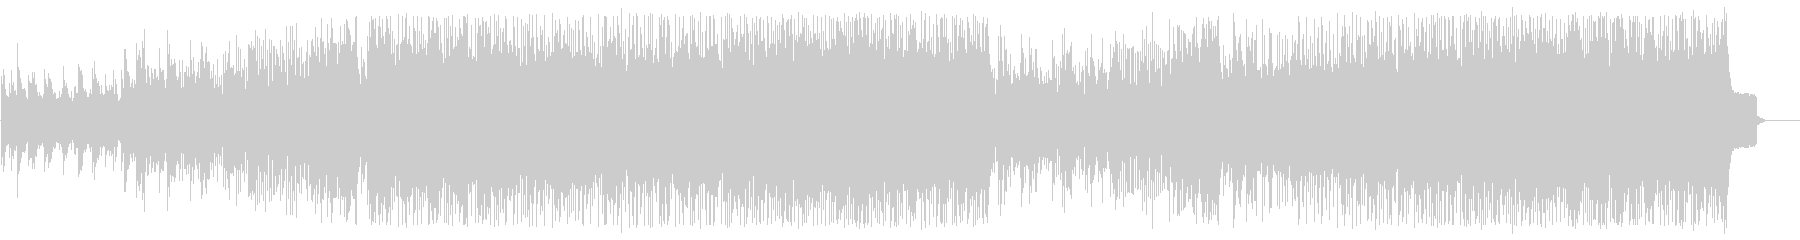 明るいビートの綺麗なテクノポップの曲の未再生の波形